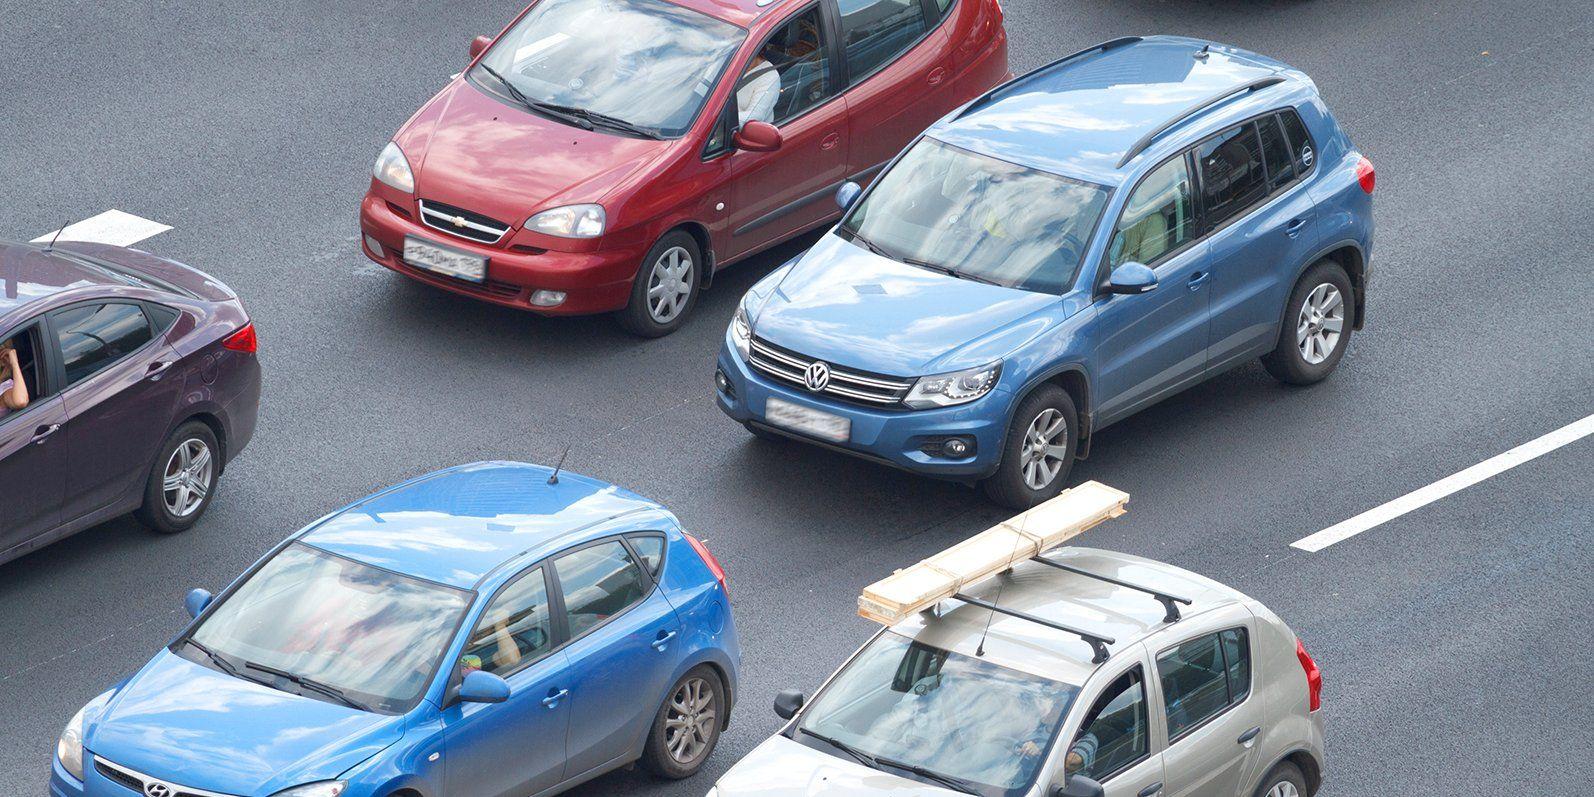 Водителей Москвы предупредили об ограничении движения на выходных